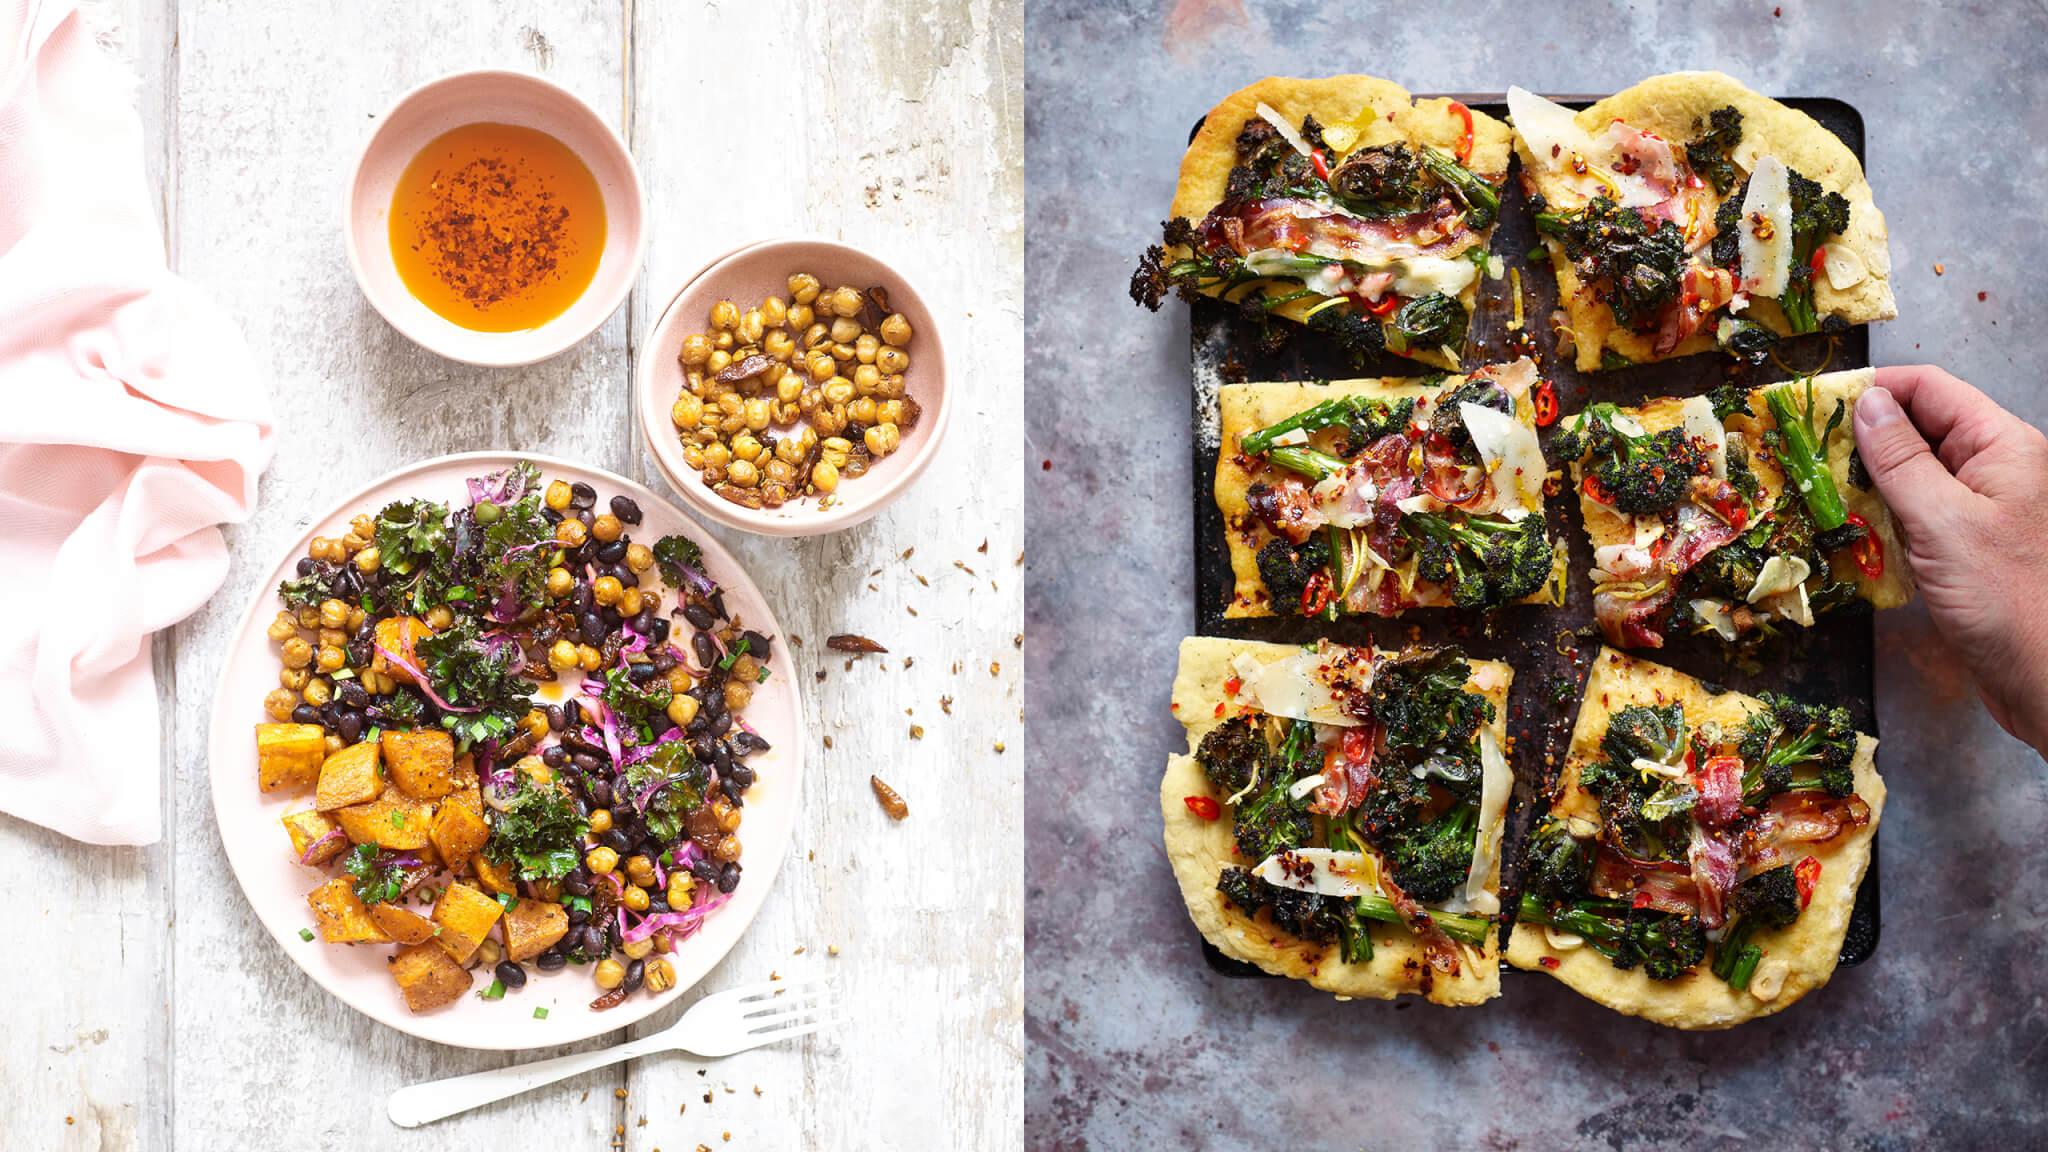 Kalettes- Food 2